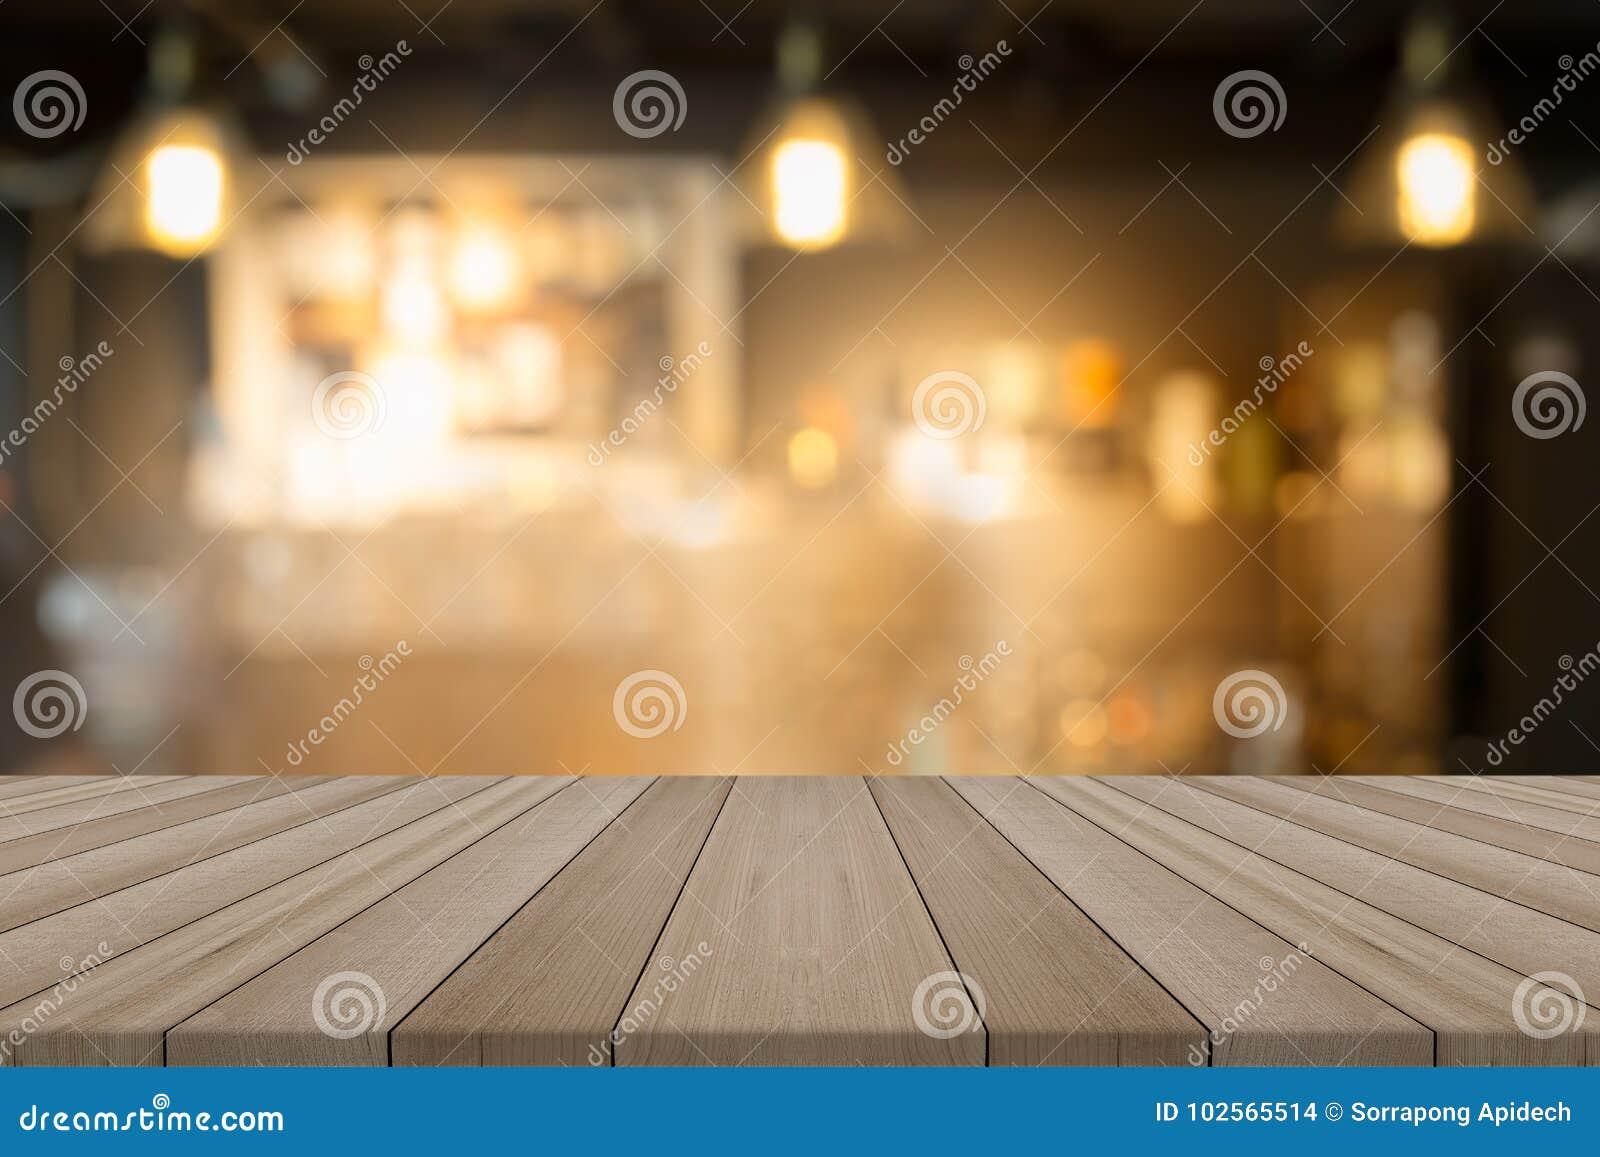 Tampo da mesa de madeira vazio na cafetaria borrada do formulário do fundo